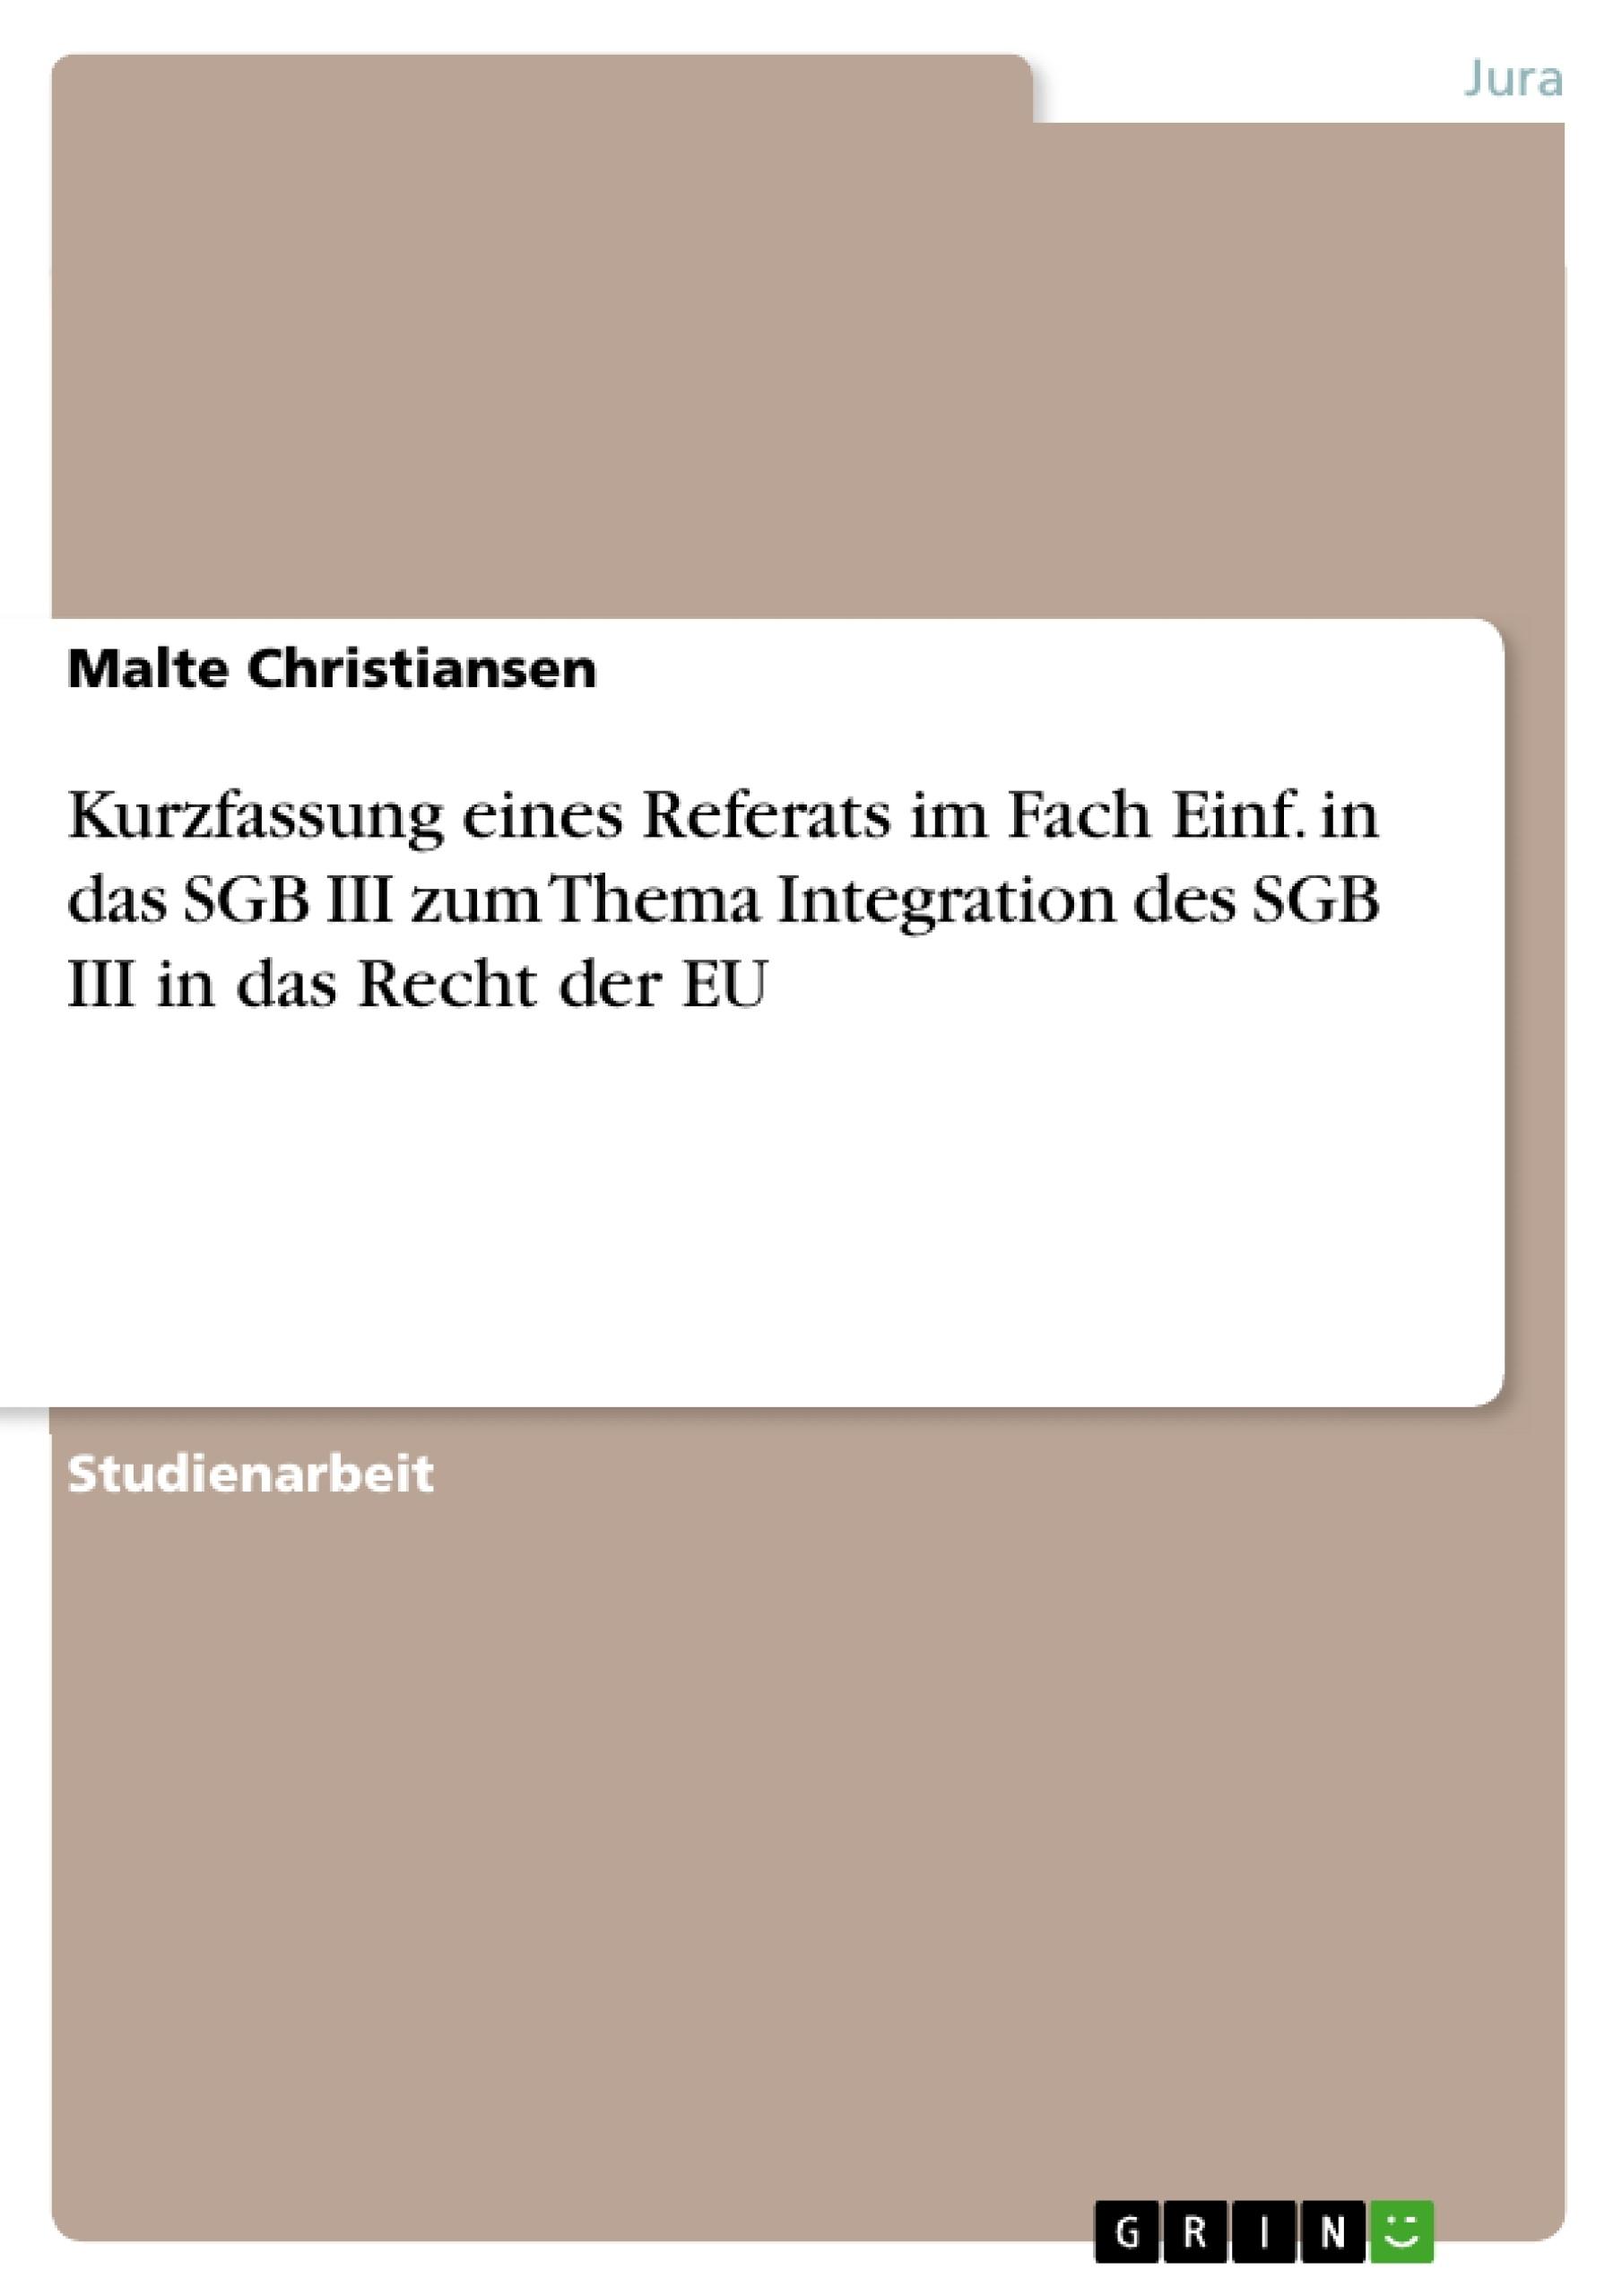 Titel: Kurzfassung eines Referats im Fach Einf. in das SGB III zum Thema Integration des SGB III in das Recht der EU